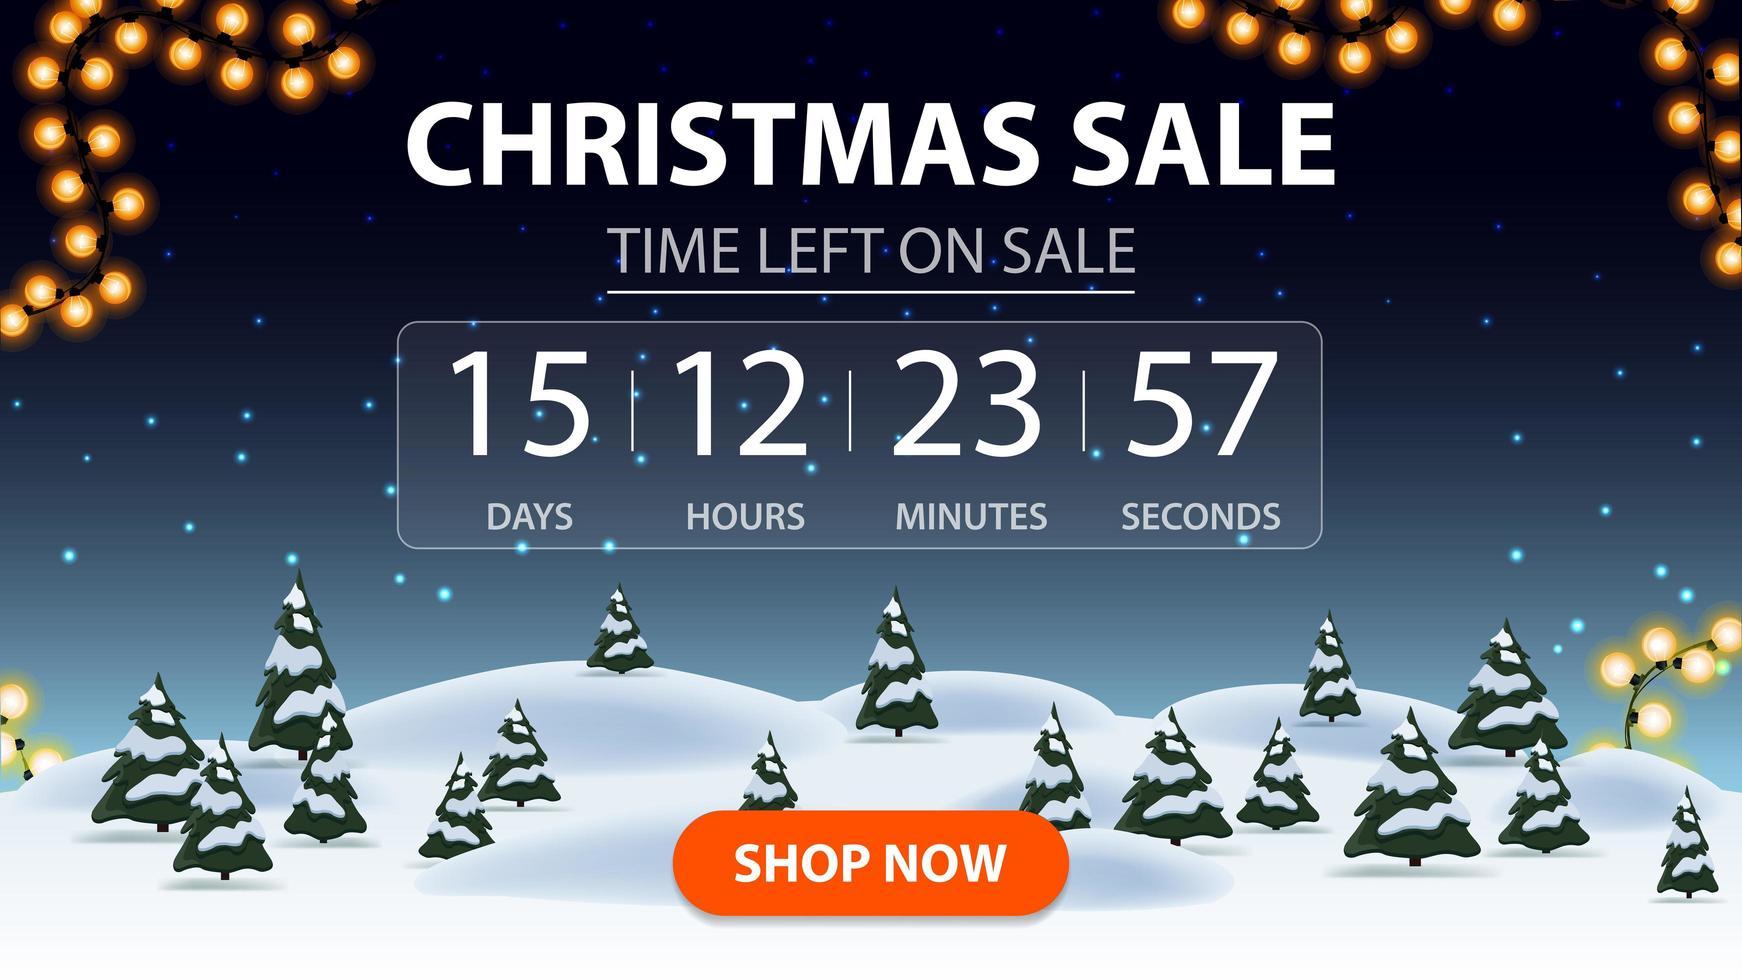 Weihnachtsverkauf, Rabatt Banner mit Cartoon Winterwald, Sternenhimmel, Timer mit Reverse Report und Button vektor